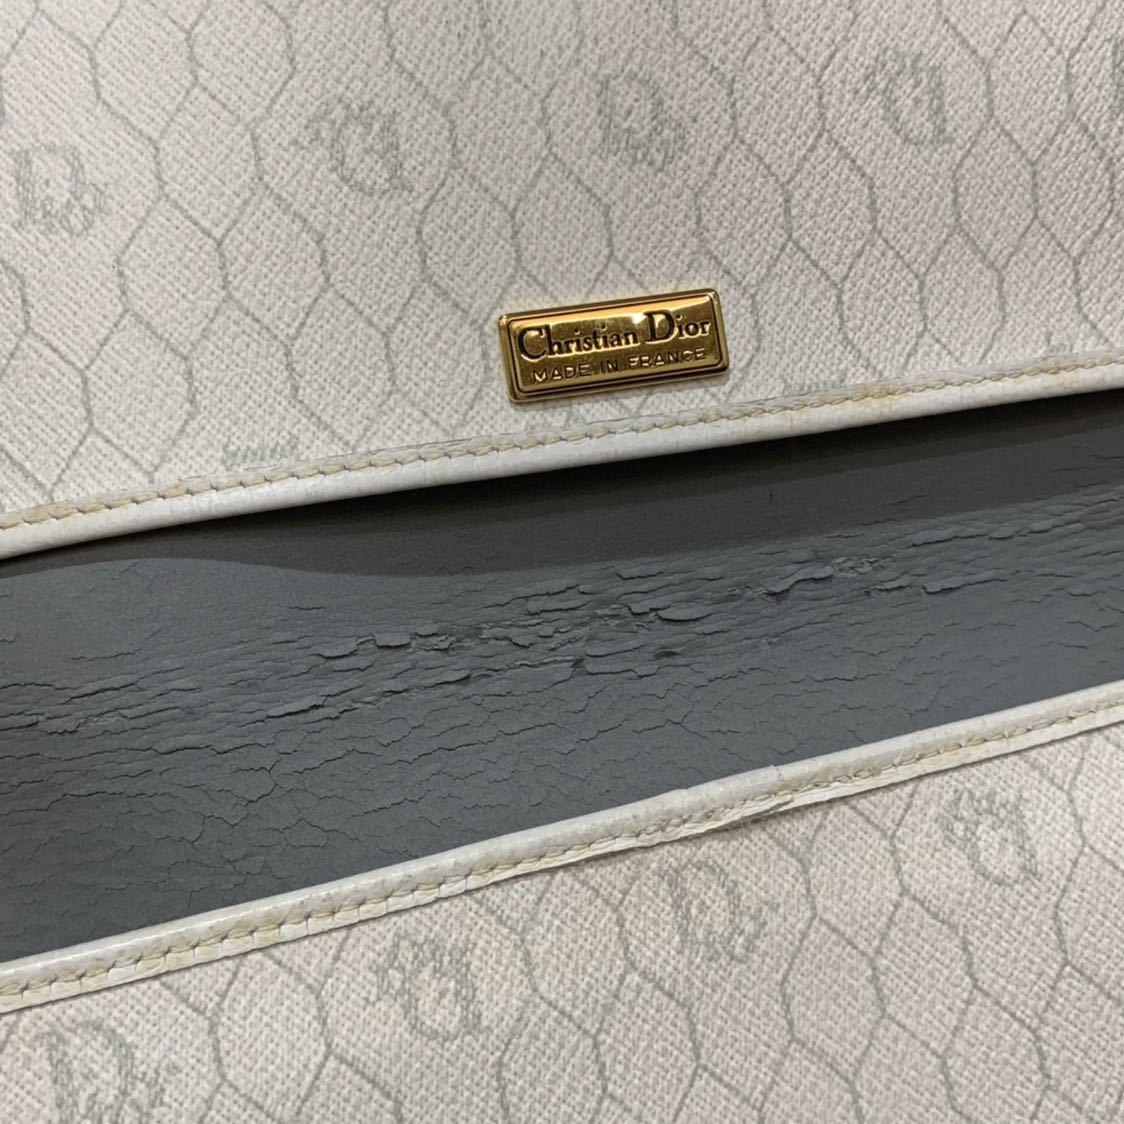 クリスチャンディオール Christian Dior チェーン 2WAY ショルダー クラッチバッグ トロッター キャンバス レザー ビンテージ オールド_画像6